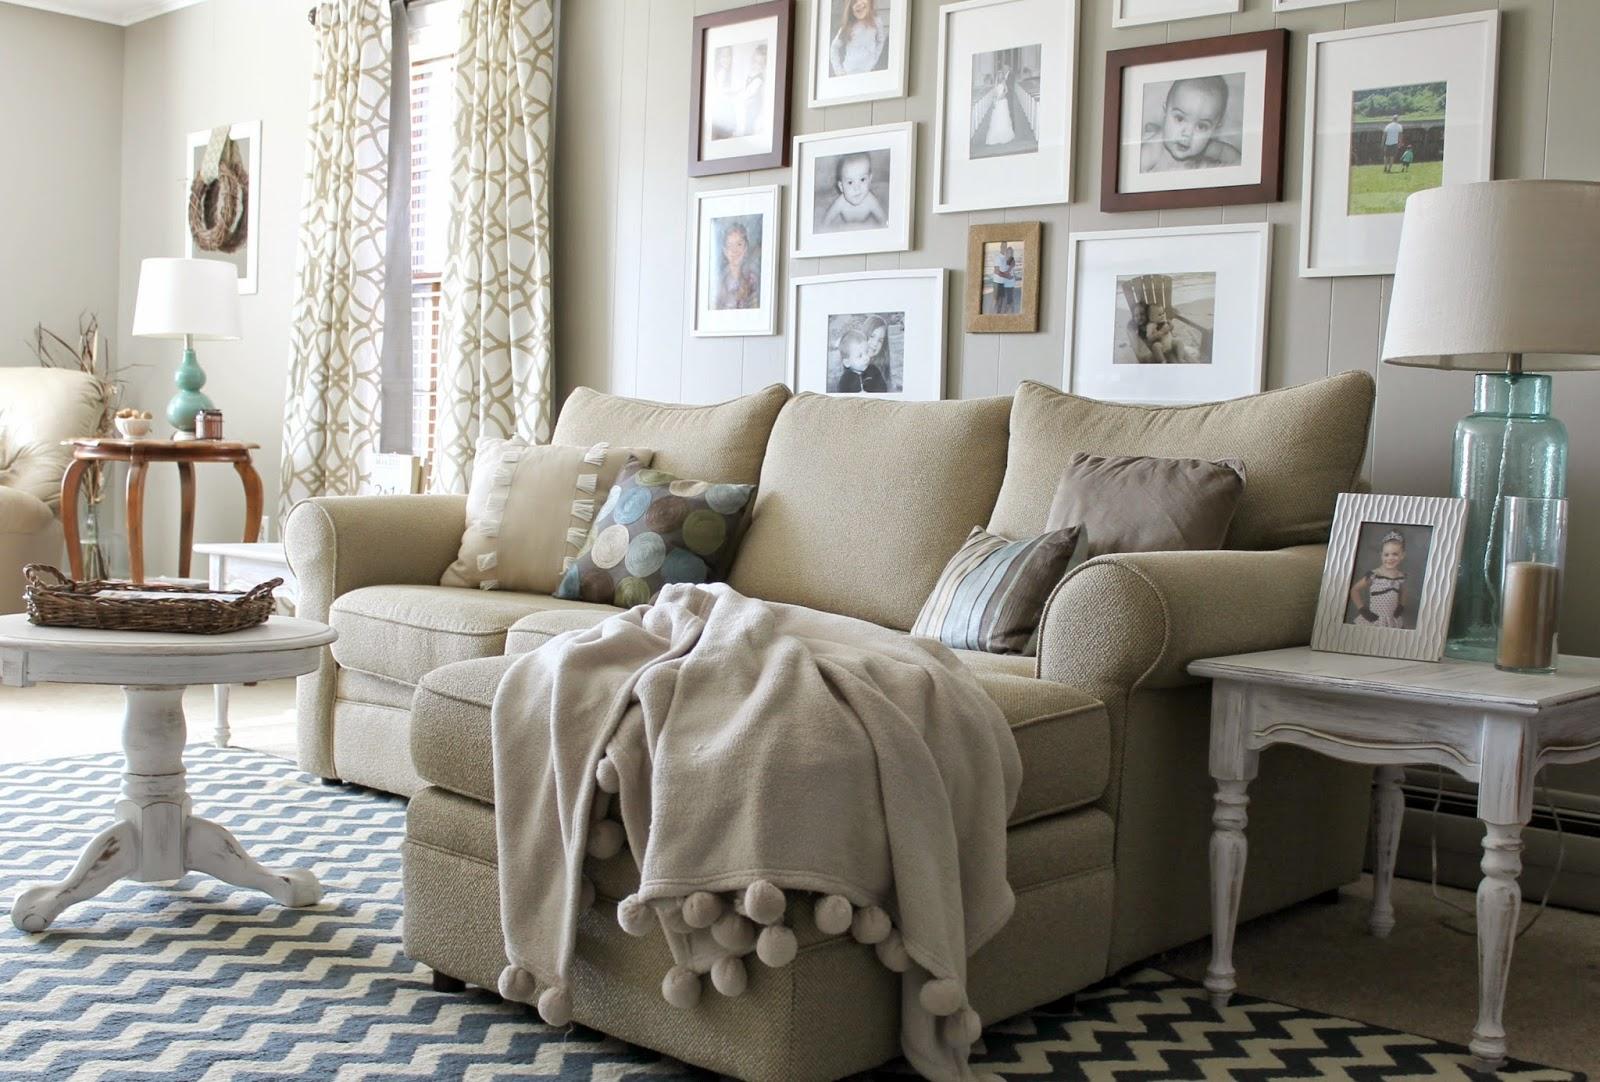 20 Dreamy Farmhouse Style Fall Decor Ideas - Creative ...